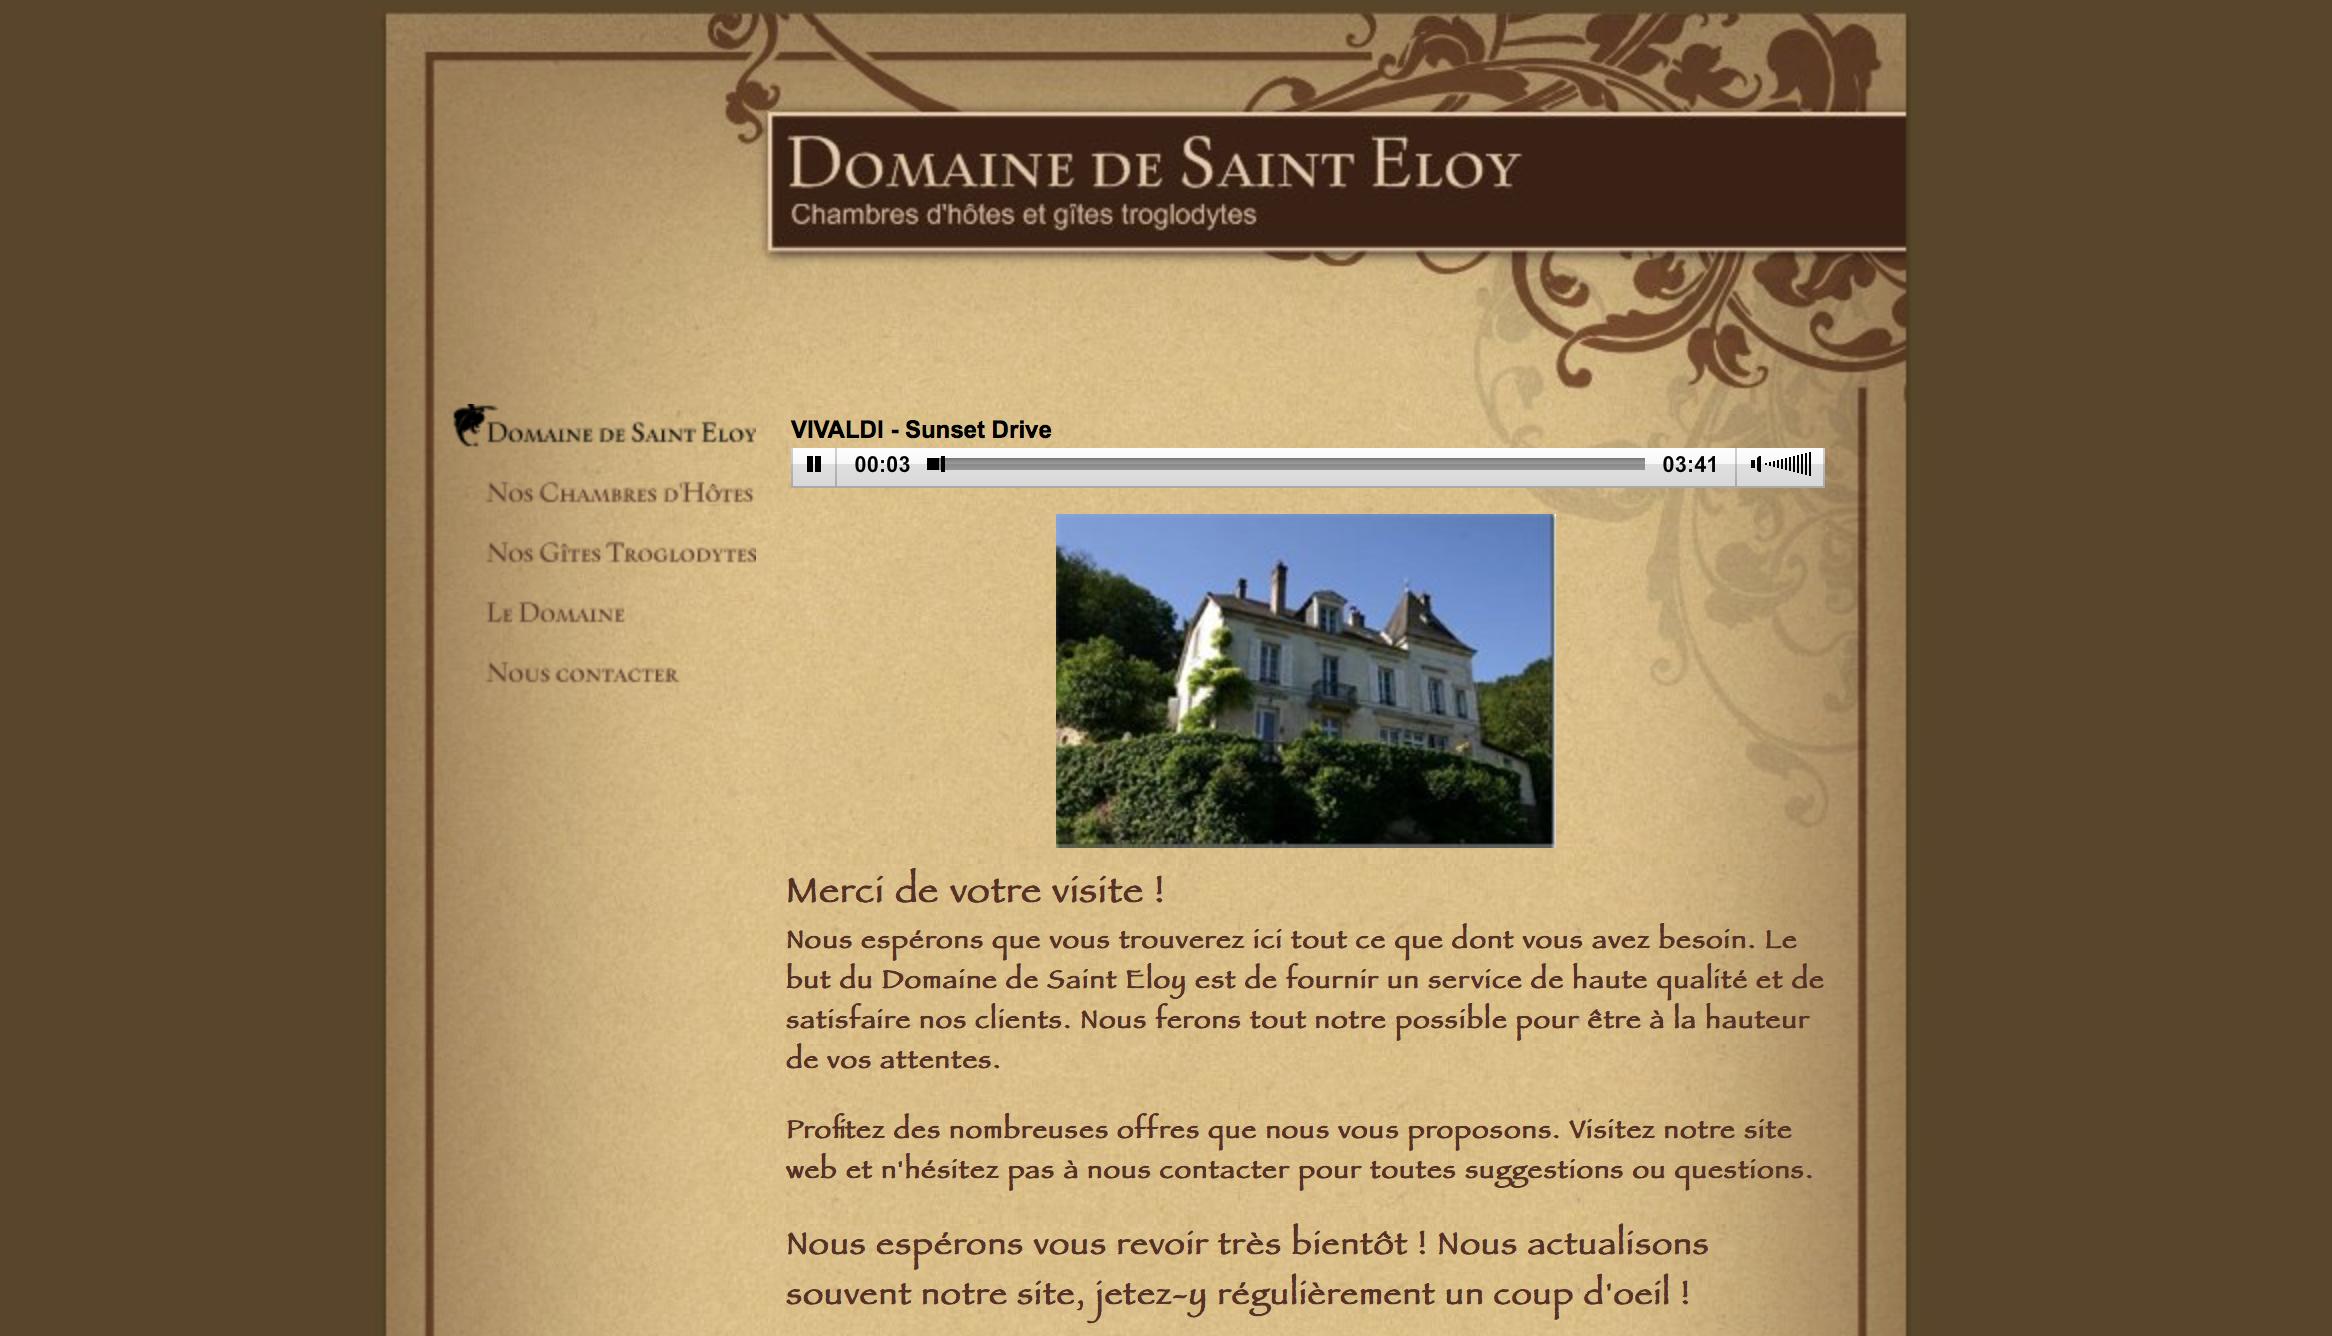 Domaine de Saint Eloy